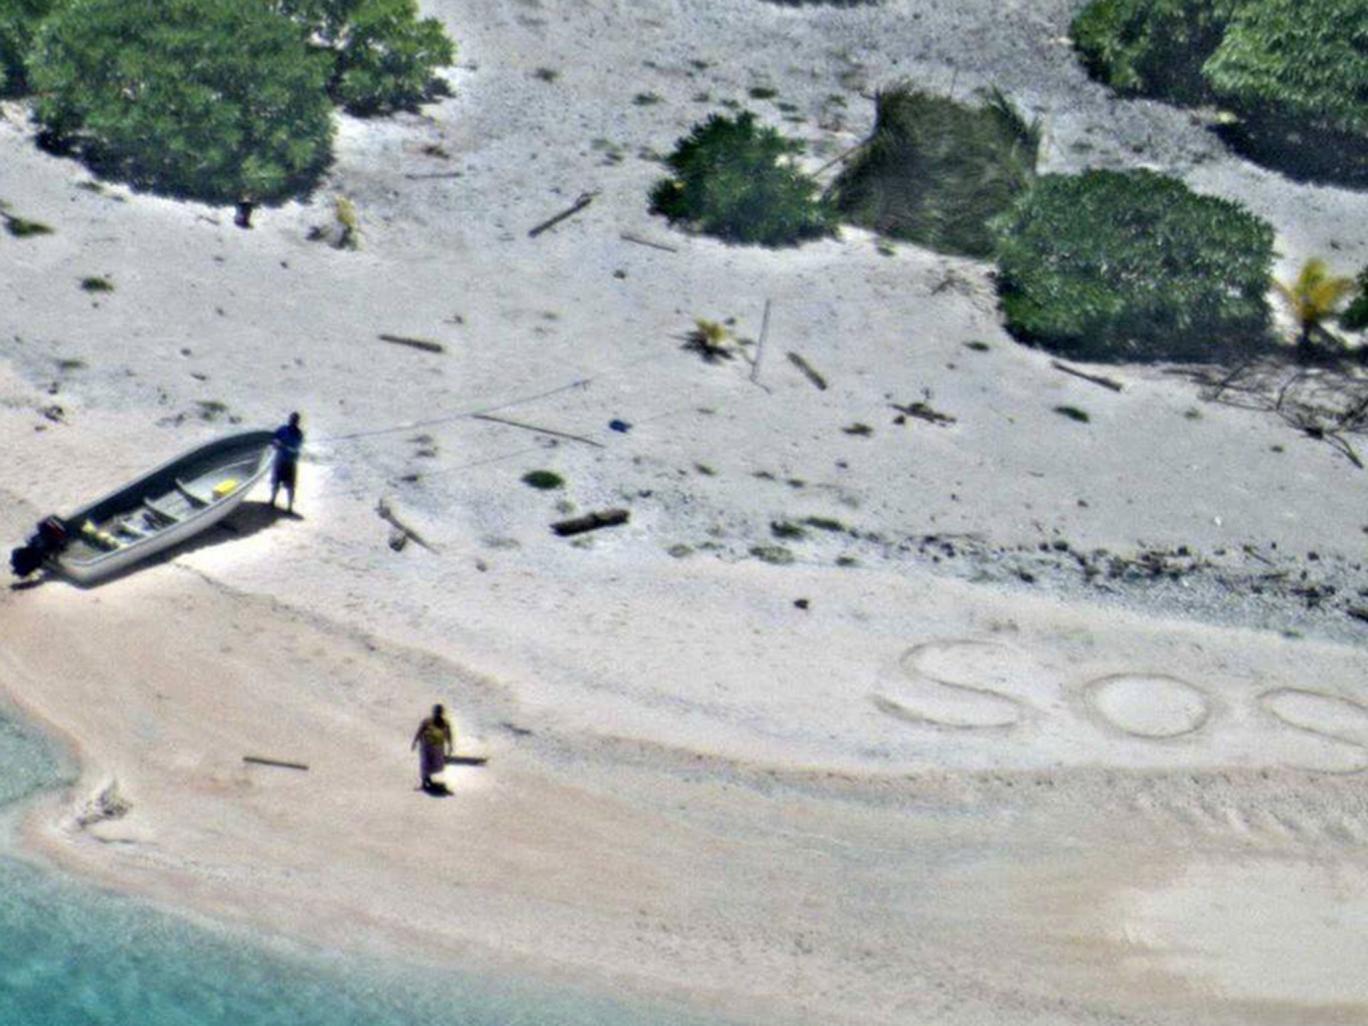 Lạc trên hoang đảo 7 ngày, thoát nhờ gửi tín hiệu thô sơ - 1